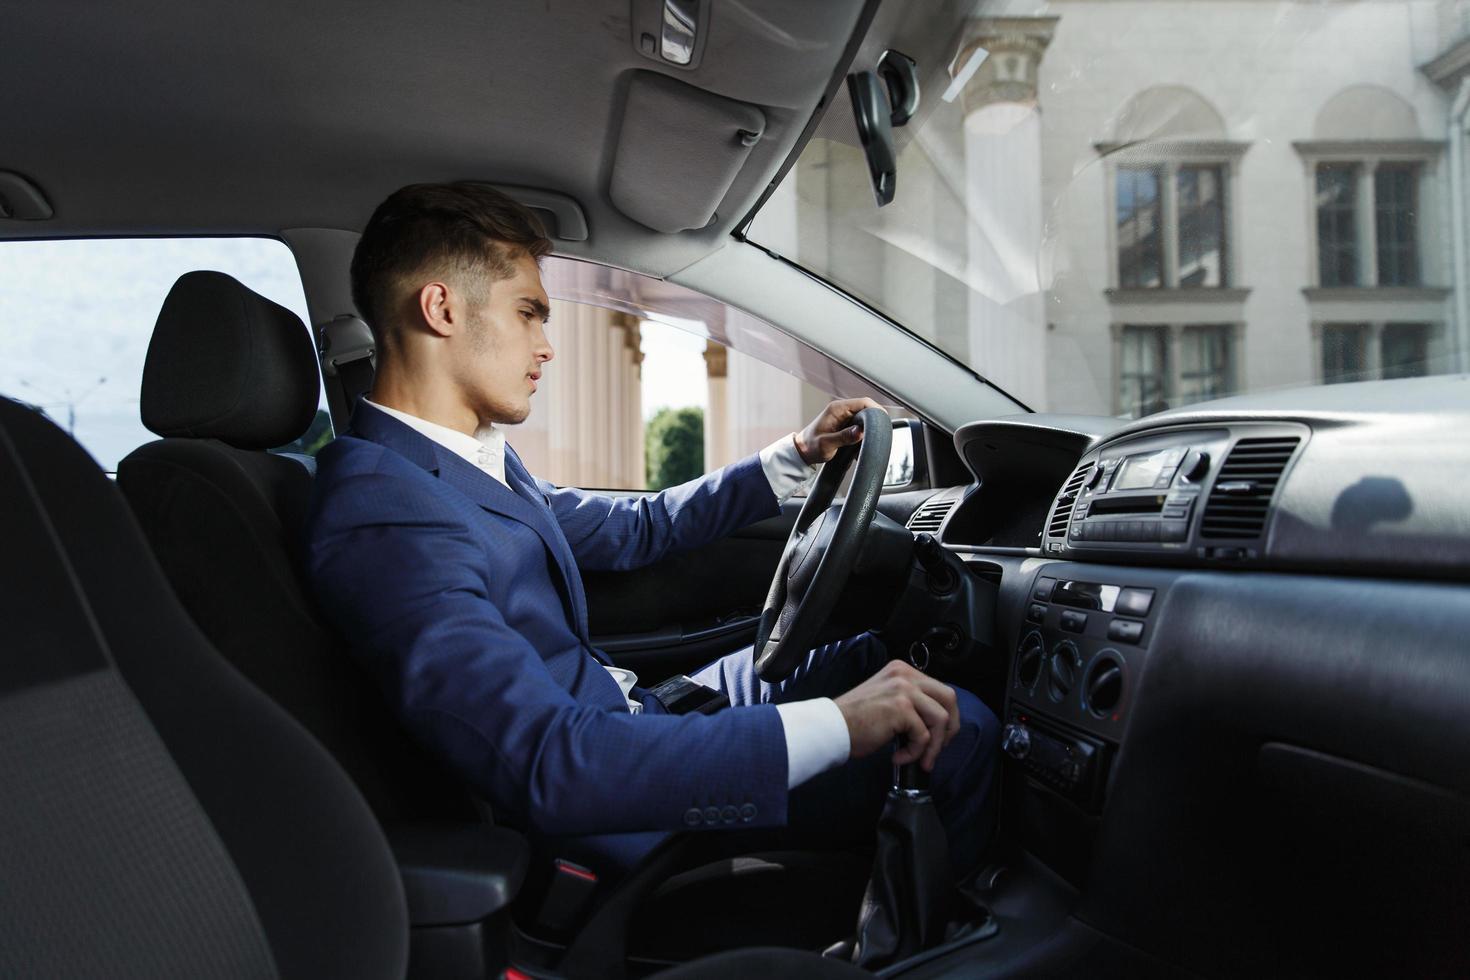 homme d'affaires souriant est assis à l'intérieur de la voiture photo